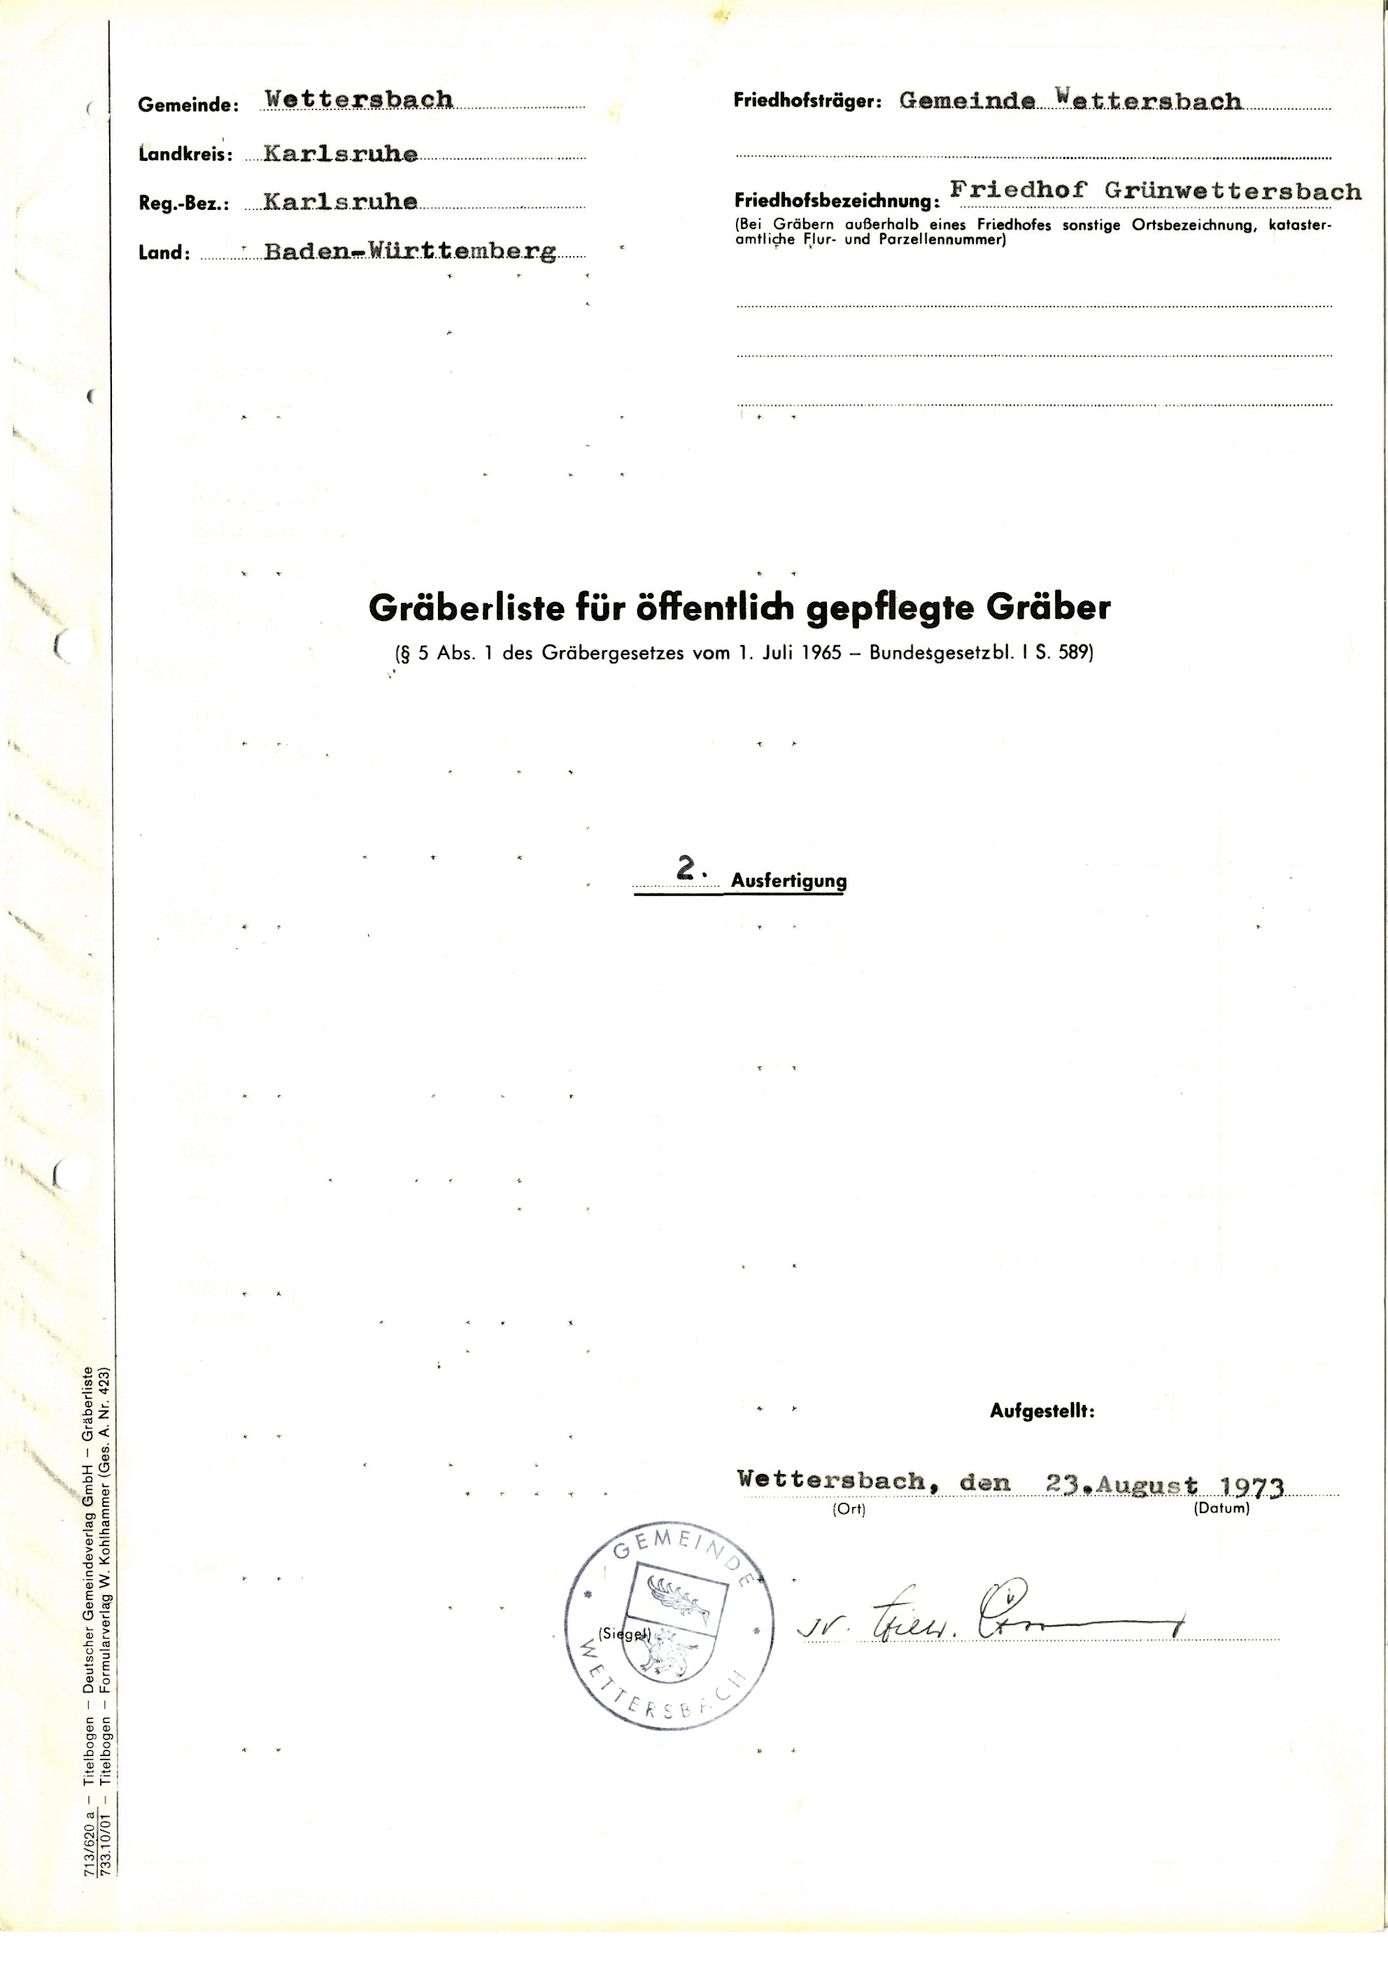 Grünwettersbach, Bild 1